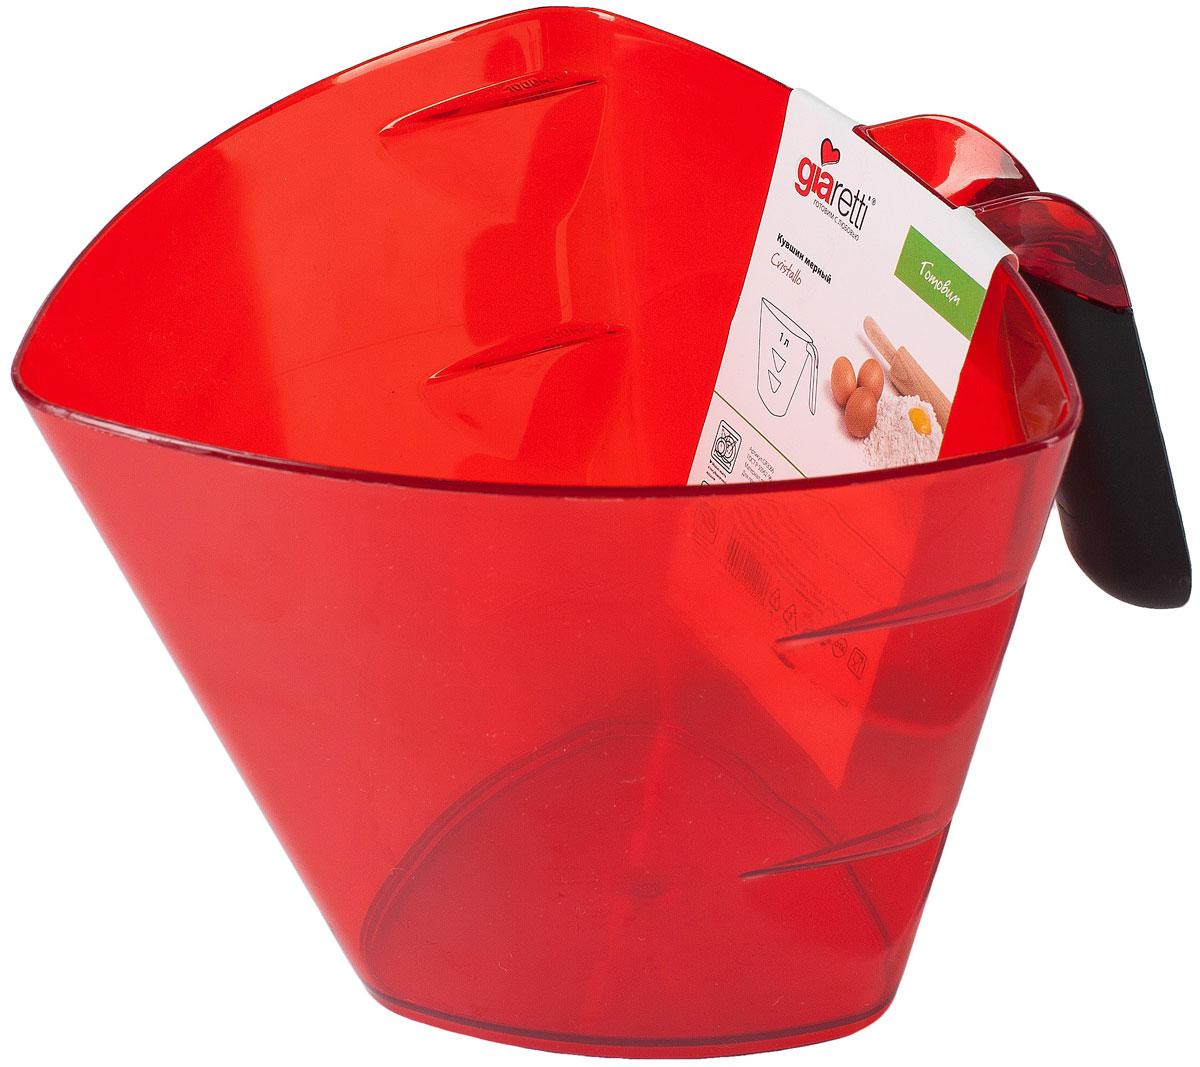 Кувшин мерный Giaretti Cristallo, цвет: красный, 0,5 лGR3065Мерный кувшин - необходимая вещь на кухне. Наши кувшины не только практичны и удобны в использовании, но и вдохновляют на кулинарные победы своим ярким цветом и привлекательным дизайном. Преимущества: эргономичная ручка с противоскользящей вставкой, мерная шкала внутри кувшина, 3 литража.